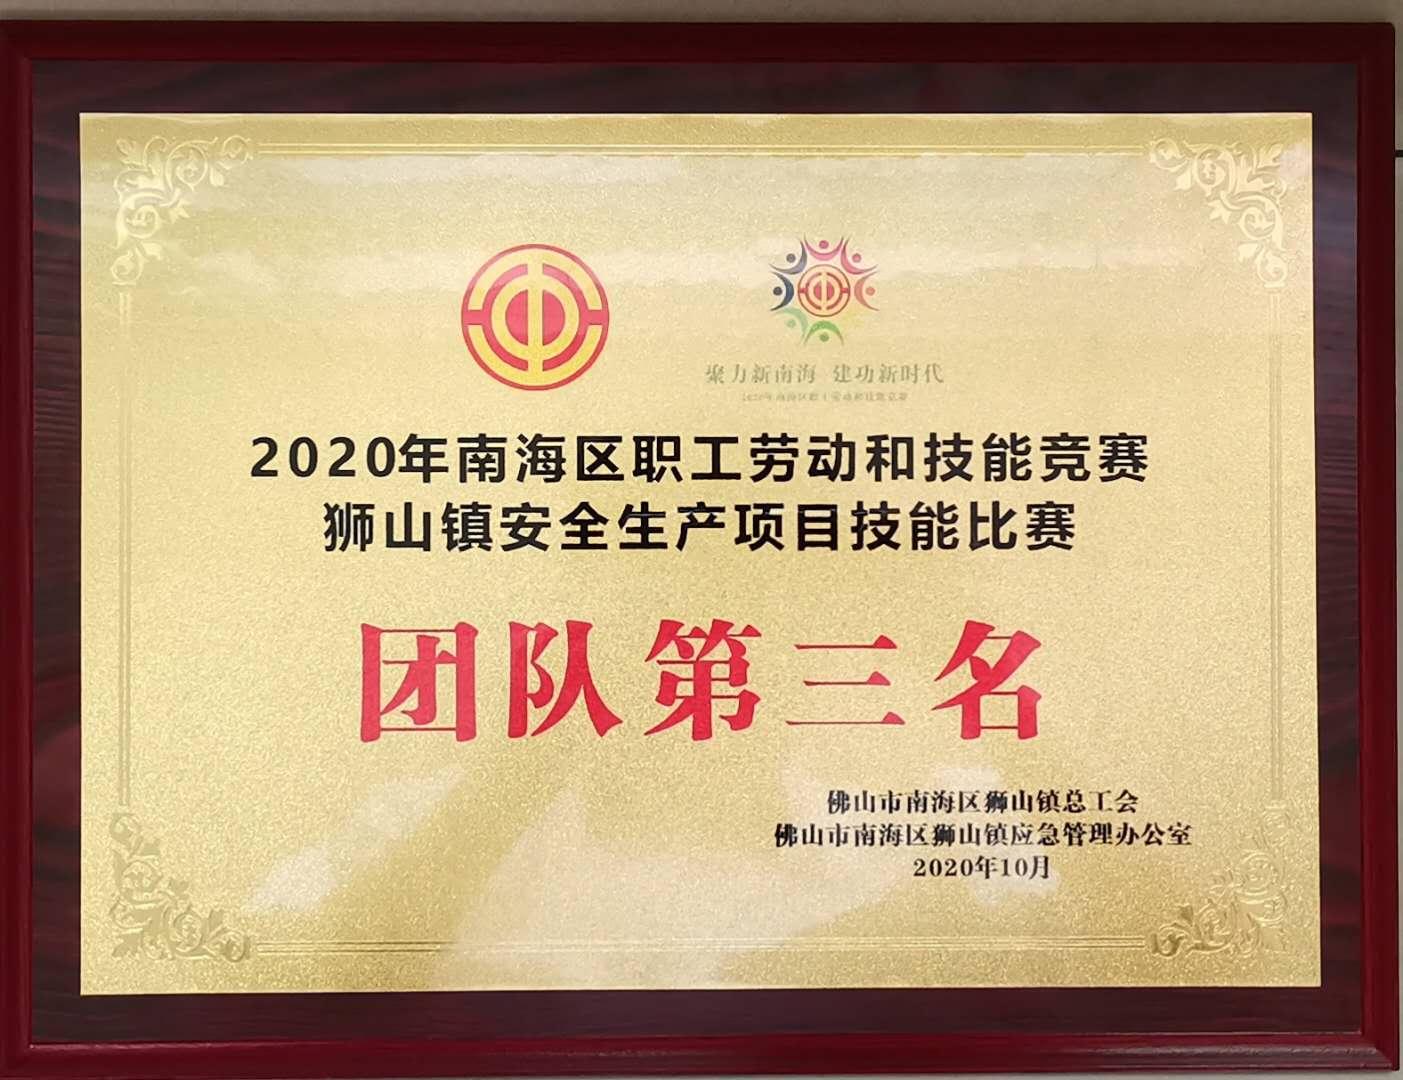 """热烈祝贺我公司荣获""""狮山镇安全生产项目技能比赛""""团队第三名"""